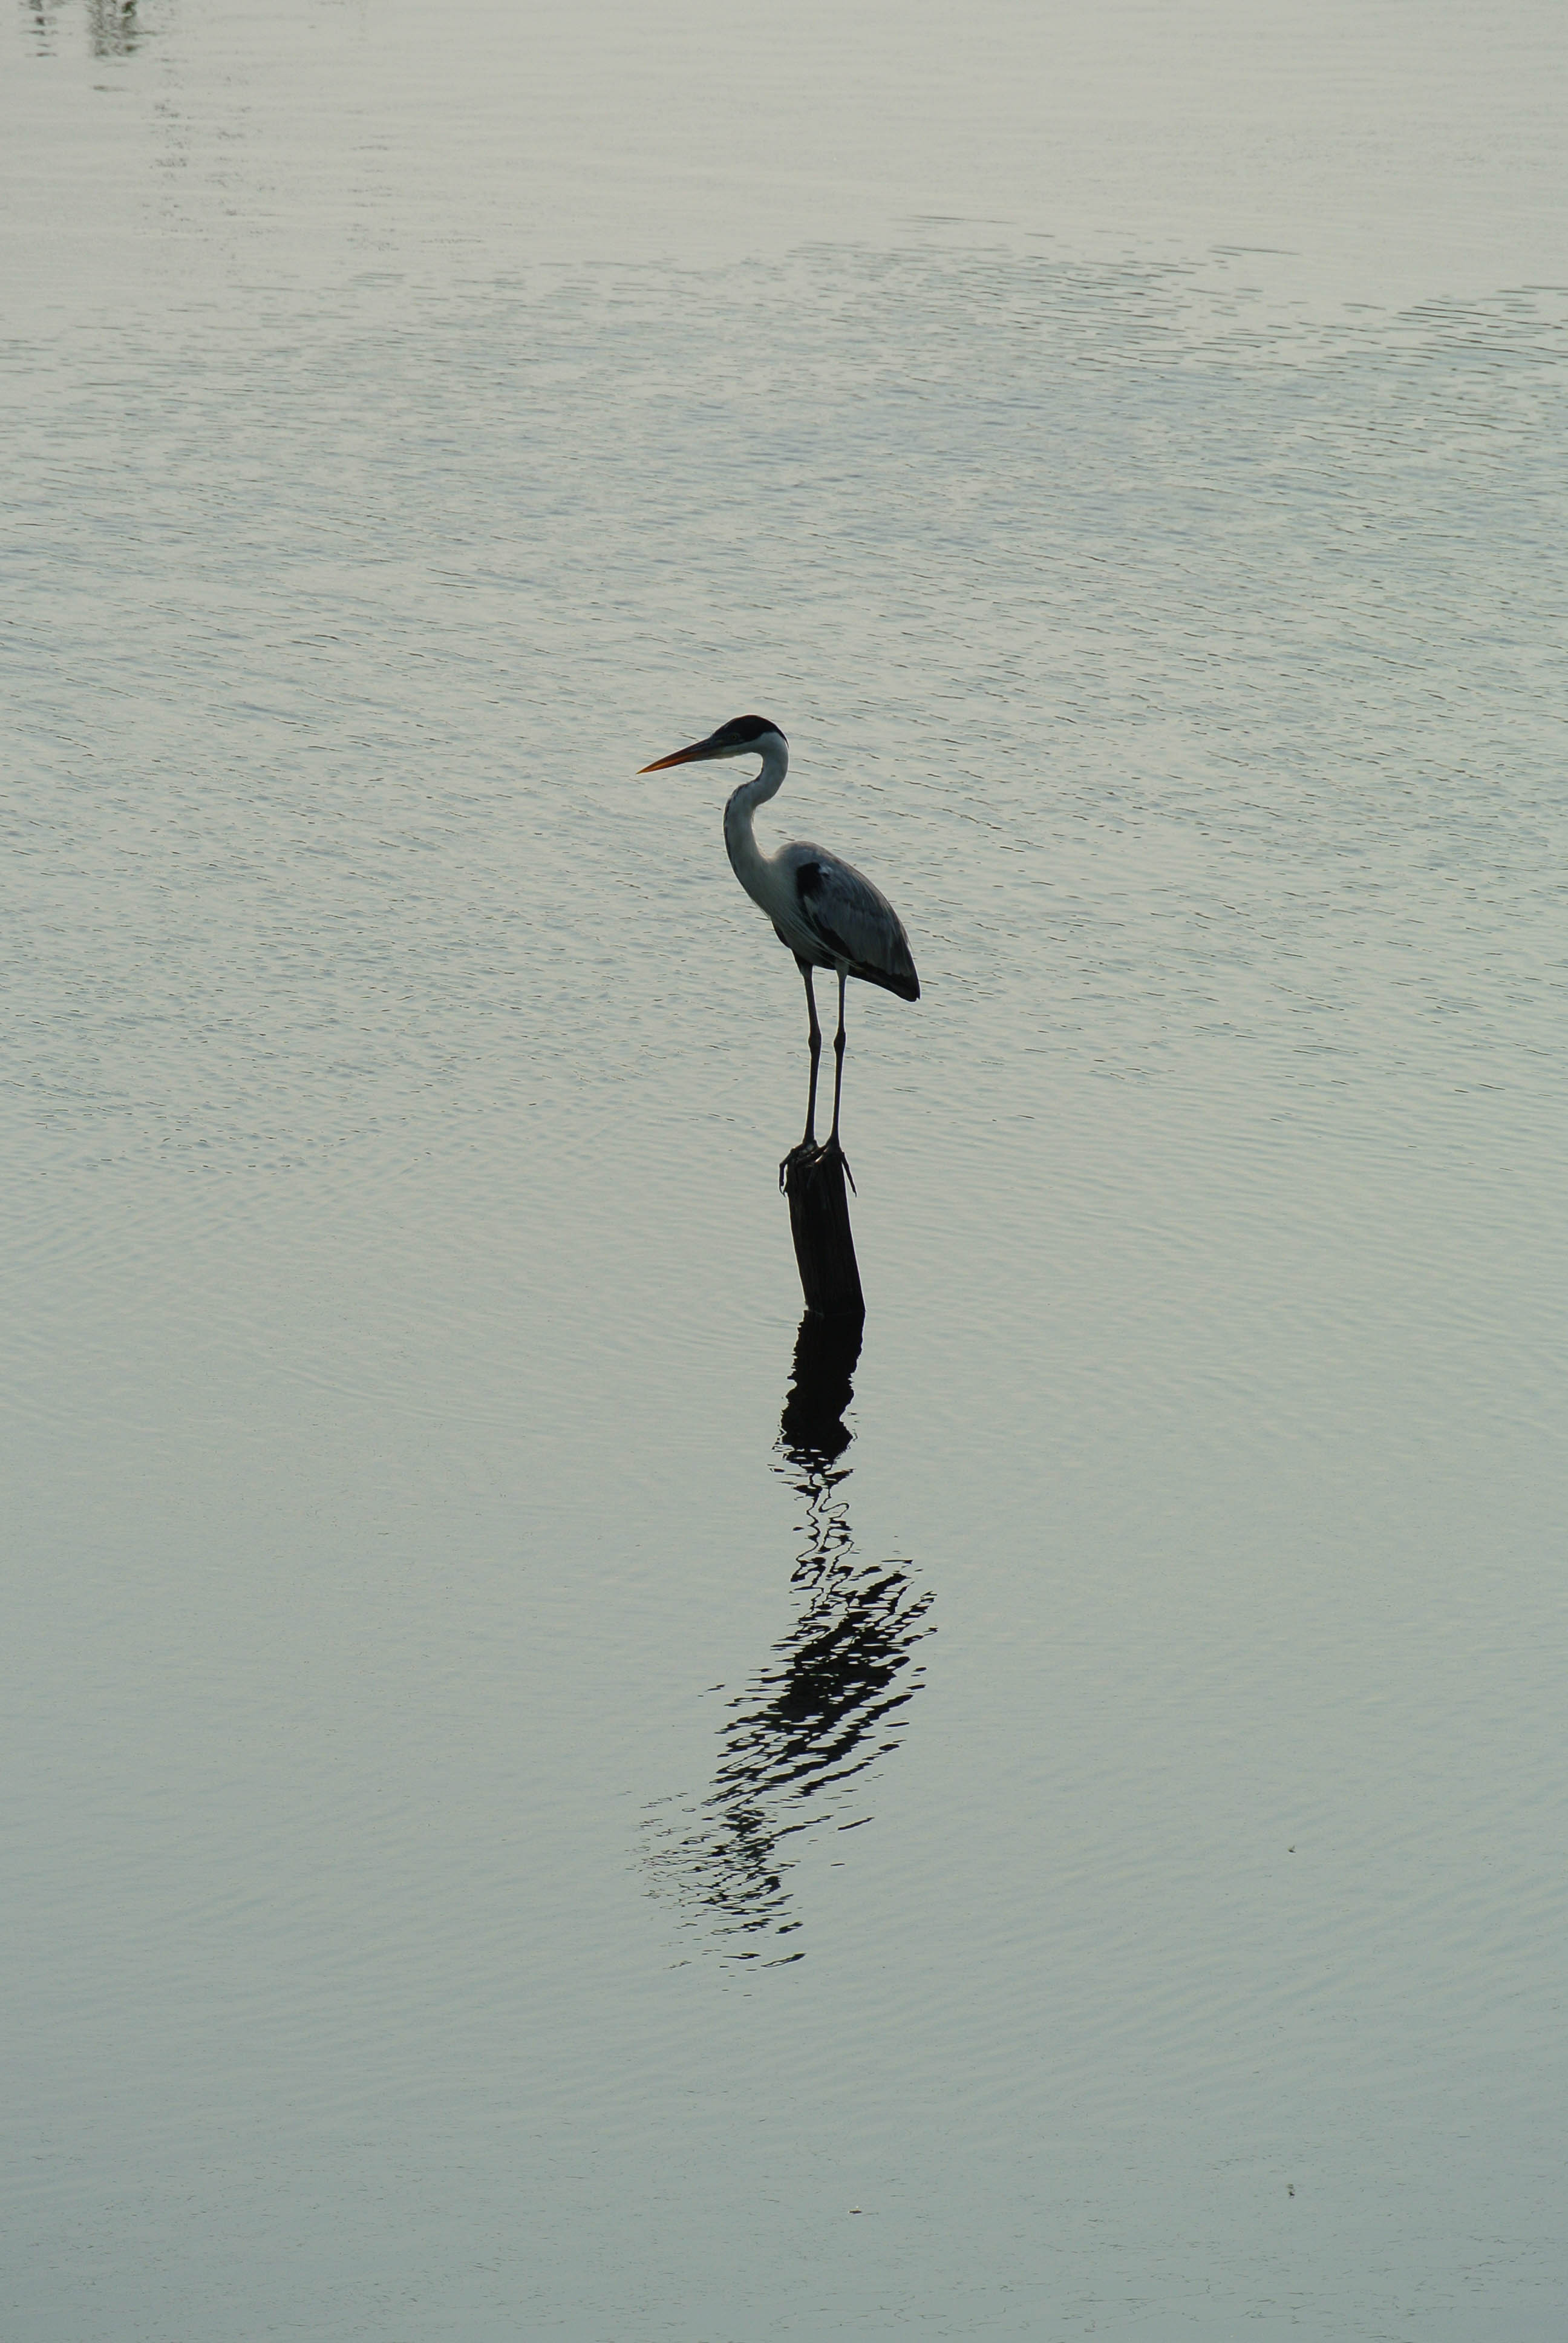 028 2309 Pantanal - Passo do Lontra 12JPG